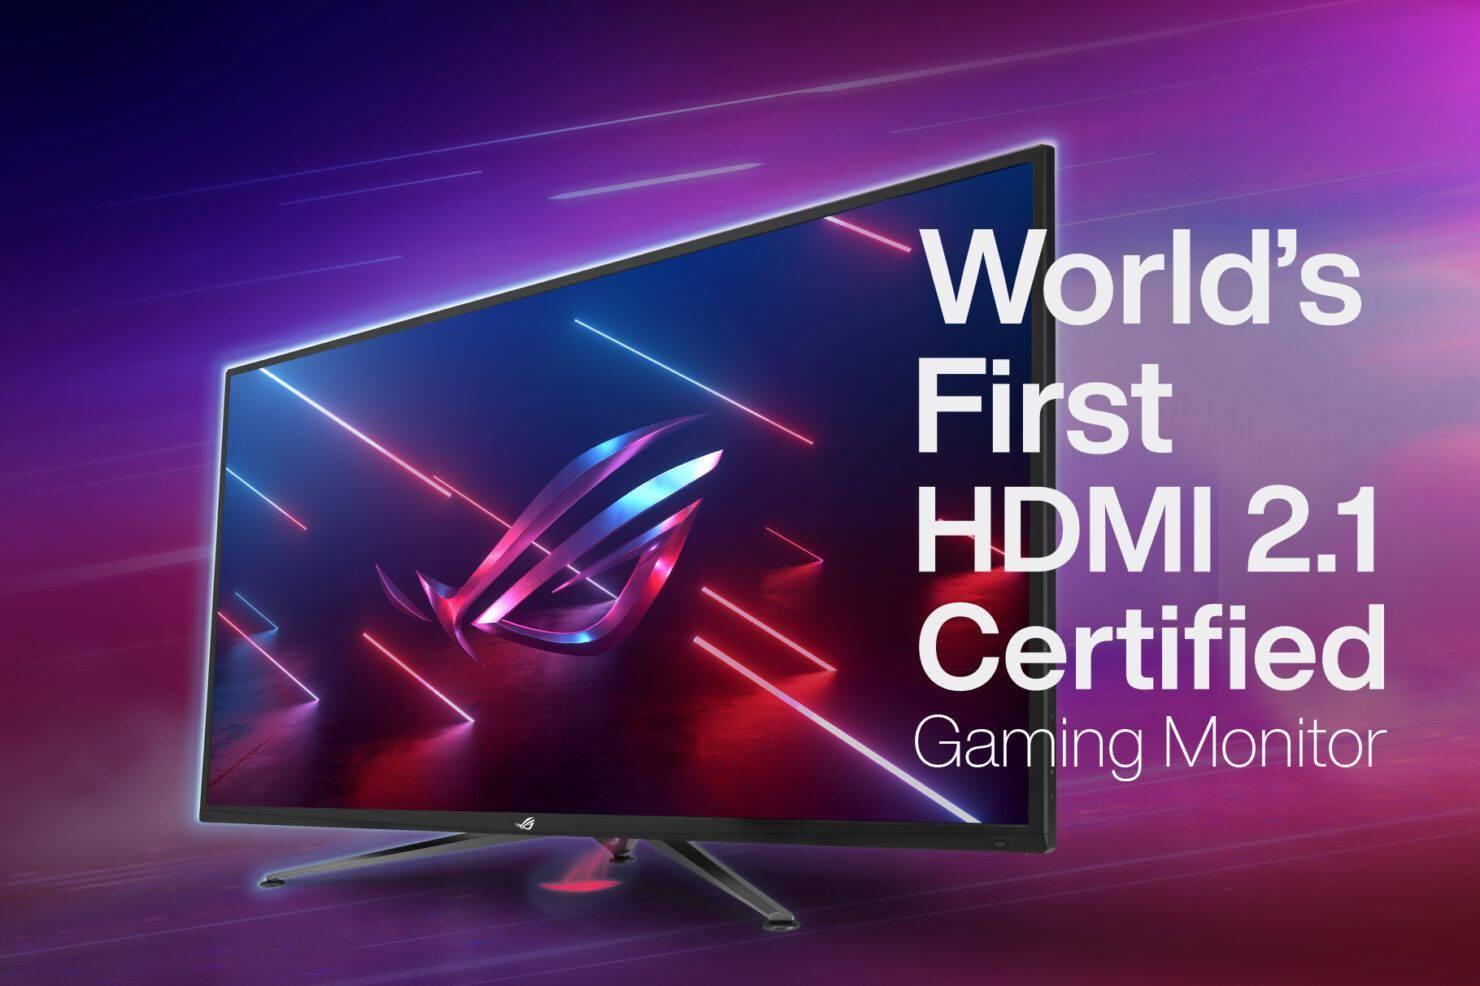 华硕ROG将发布全球首款HDMI 2.1认证的电竞显示器